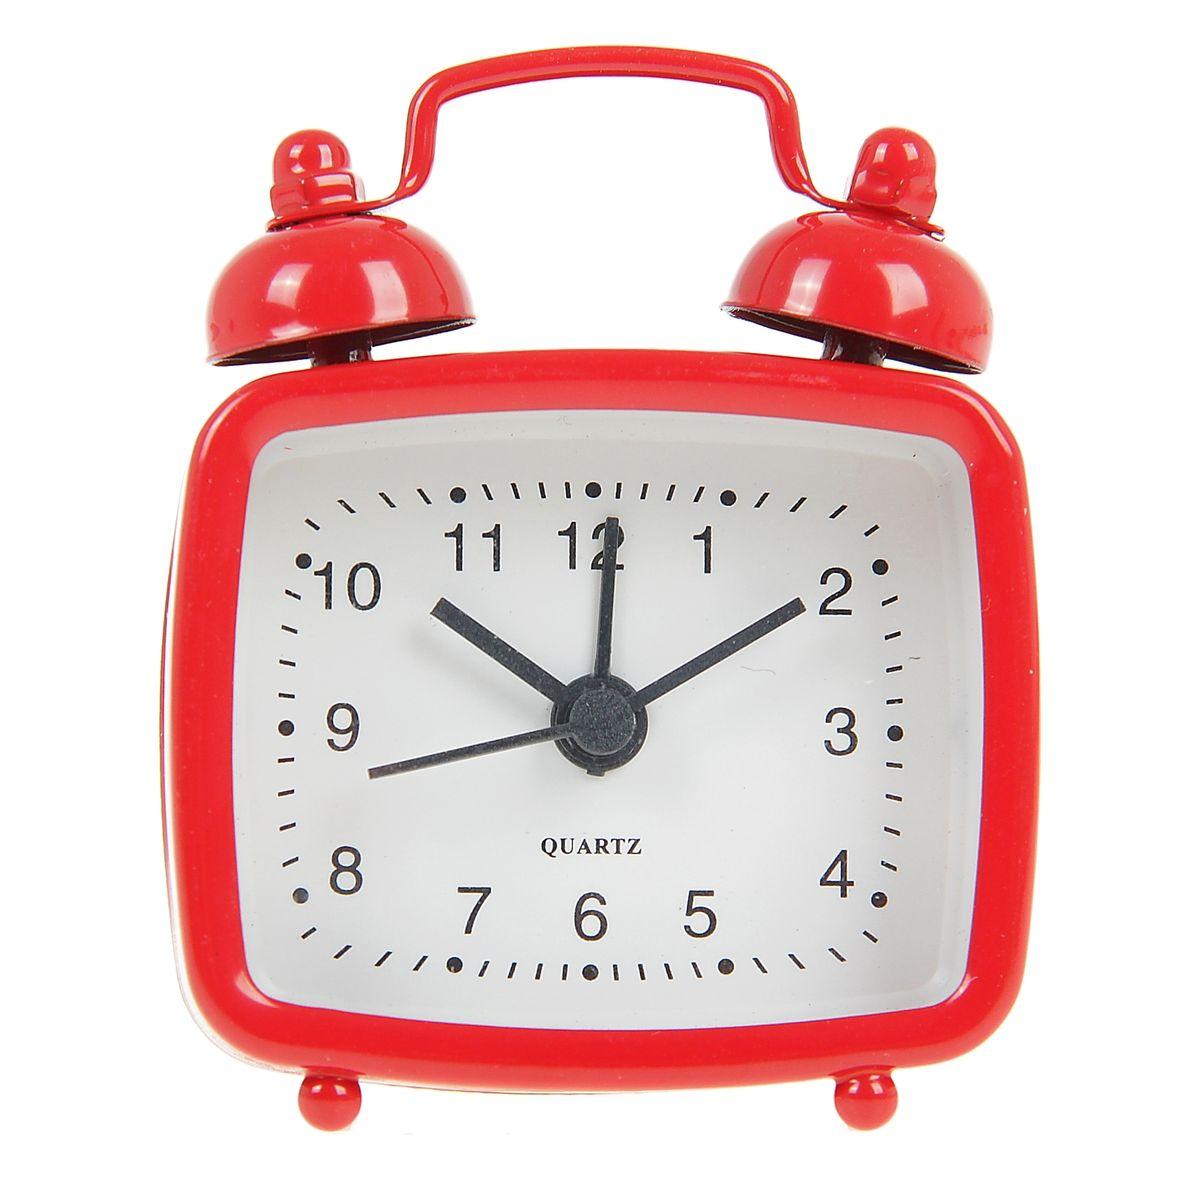 Часы-будильник Sima-land, цвет: красный. 840943840943Как же сложно иногда вставать вовремя! Всегда так хочется поспать еще хотя бы 5 минут и бывает, что мы просыпаем. Теперь этого не случится! Яркий, оригинальный будильник Sima-land поможет вам всегда вставать в нужное время и успевать везде и всюду. Будильник украсит вашу комнату и приведет в восхищение друзей. Эта уменьшенная версия привычного будильника умещается на ладони и работает так же громко, как и привычные аналоги. Время показывает точно и будит в установленный час. На задней панели будильника расположены переключатель включения/выключения механизма, а также два колесика для настройки текущего времени и времени звонка будильника. Будильник работает от 1 батарейки типа LR44 (входит в комплект).